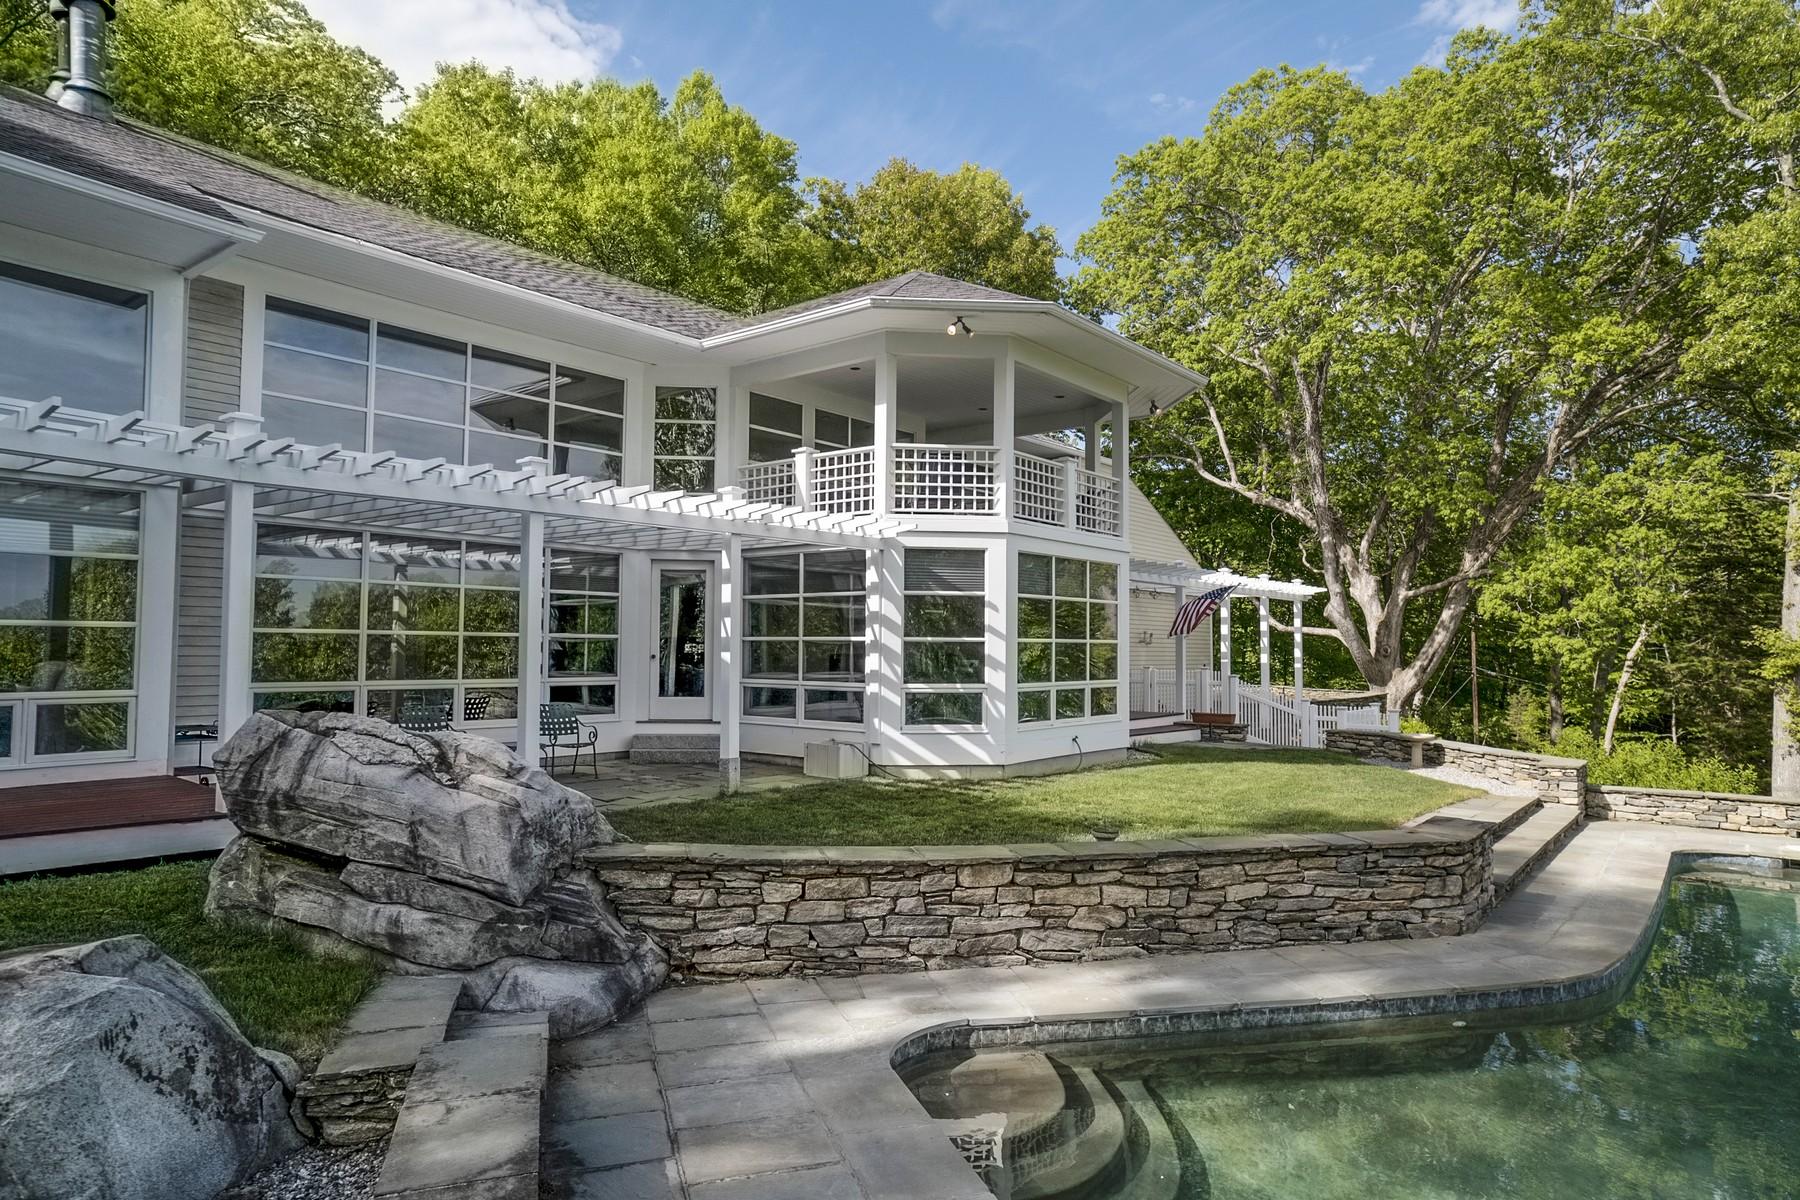 独户住宅 为 销售 在 Private Estate Close to Village 98 River Rd Essex, 康涅狄格州 06426 美国